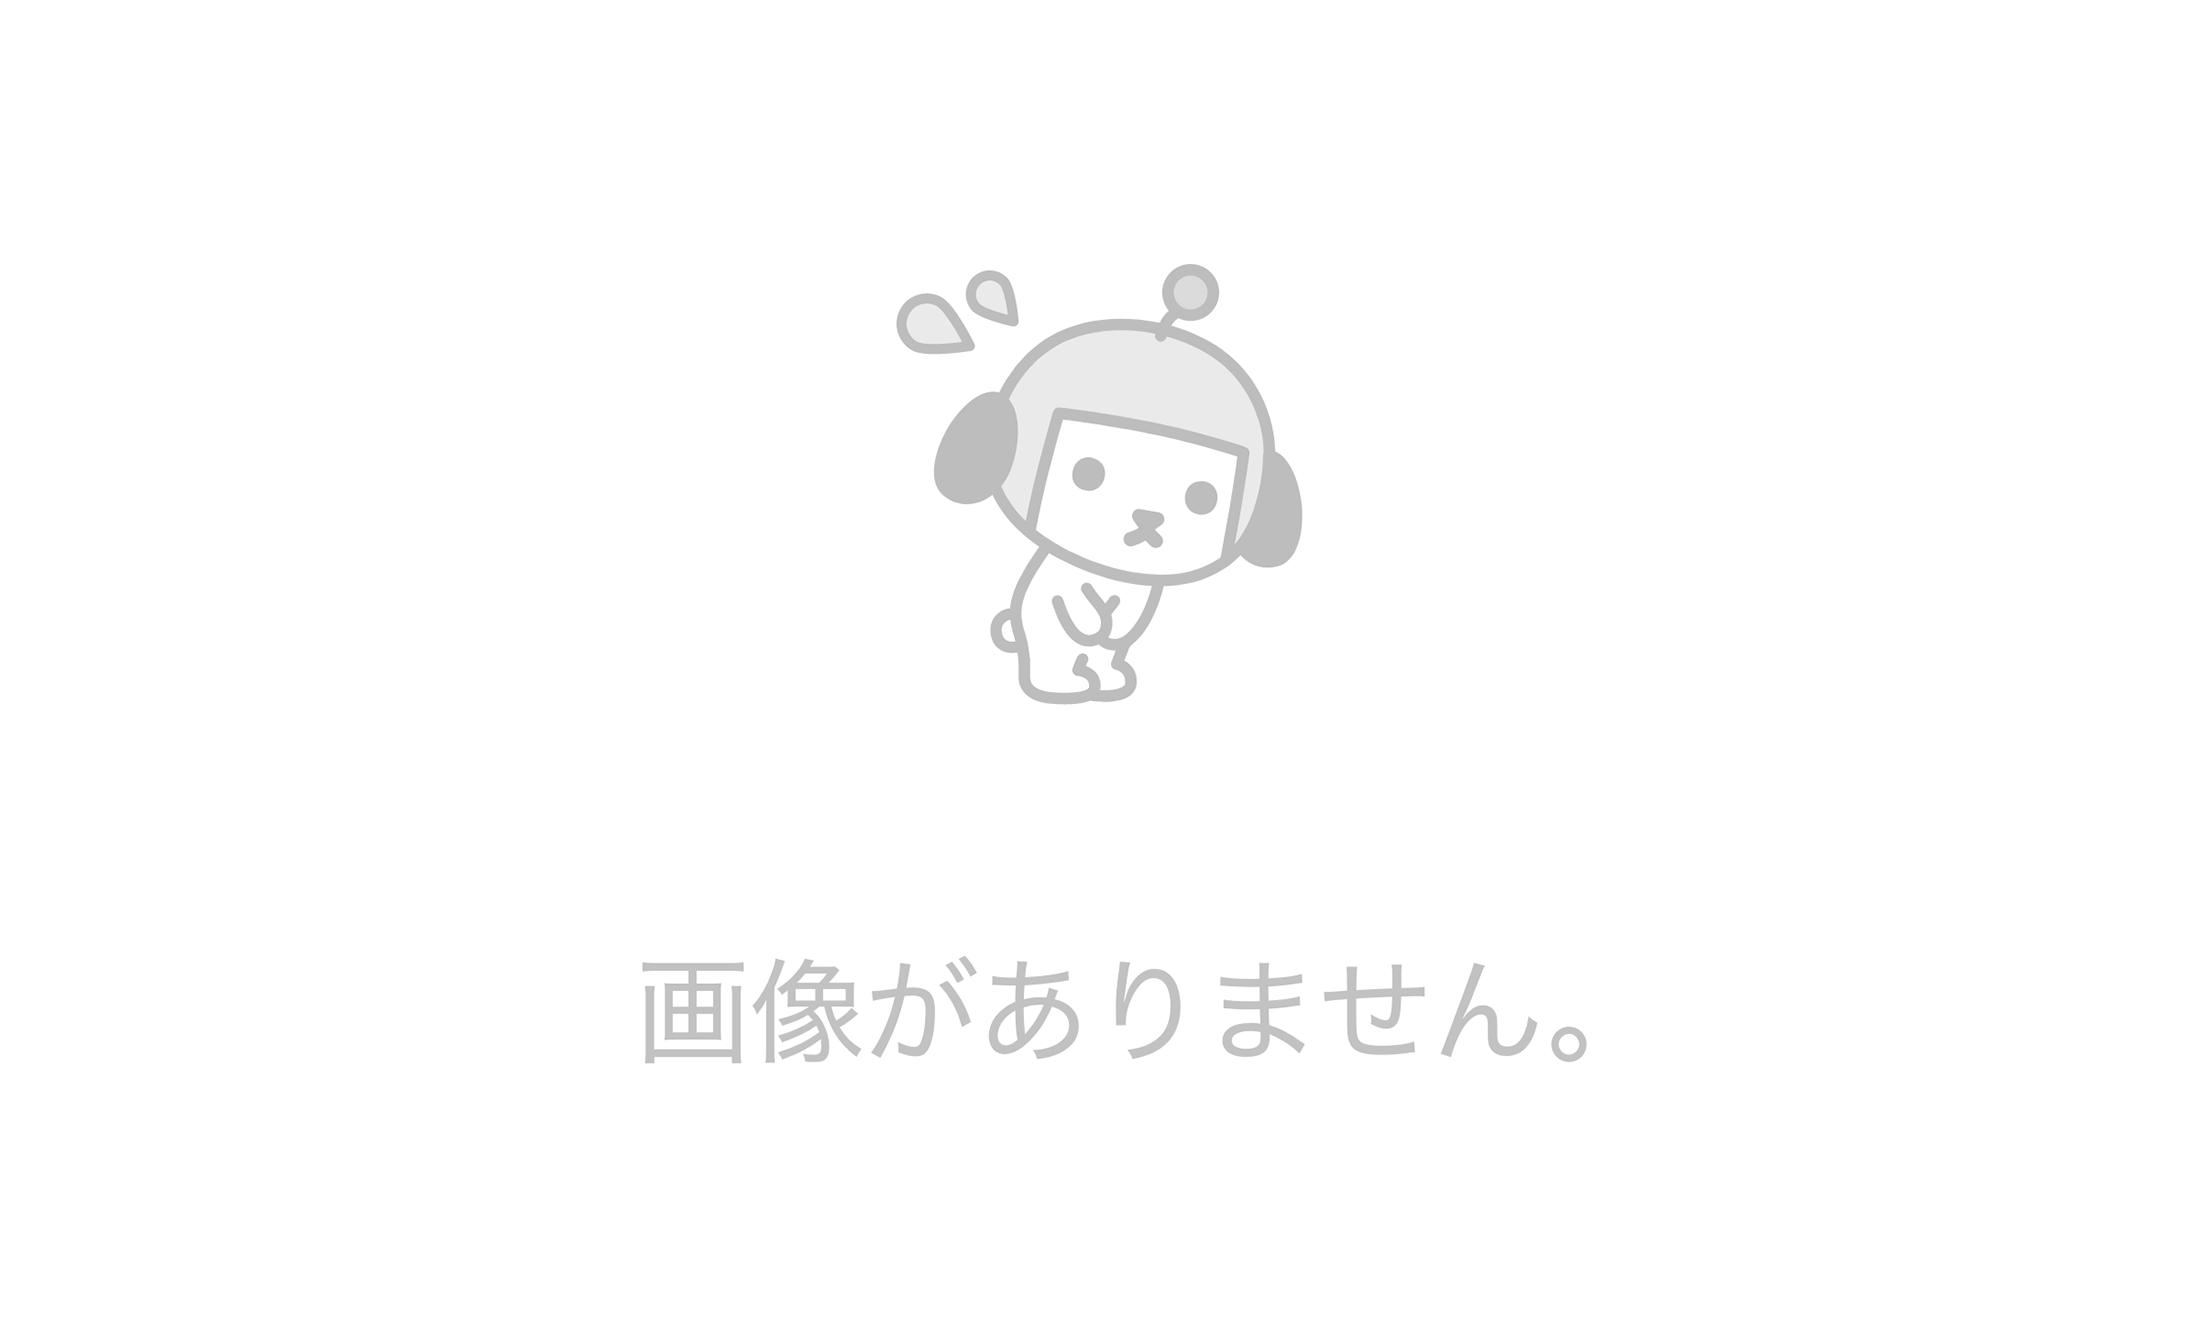 [世界の子どもにワクチンを 日本委員会]の画像